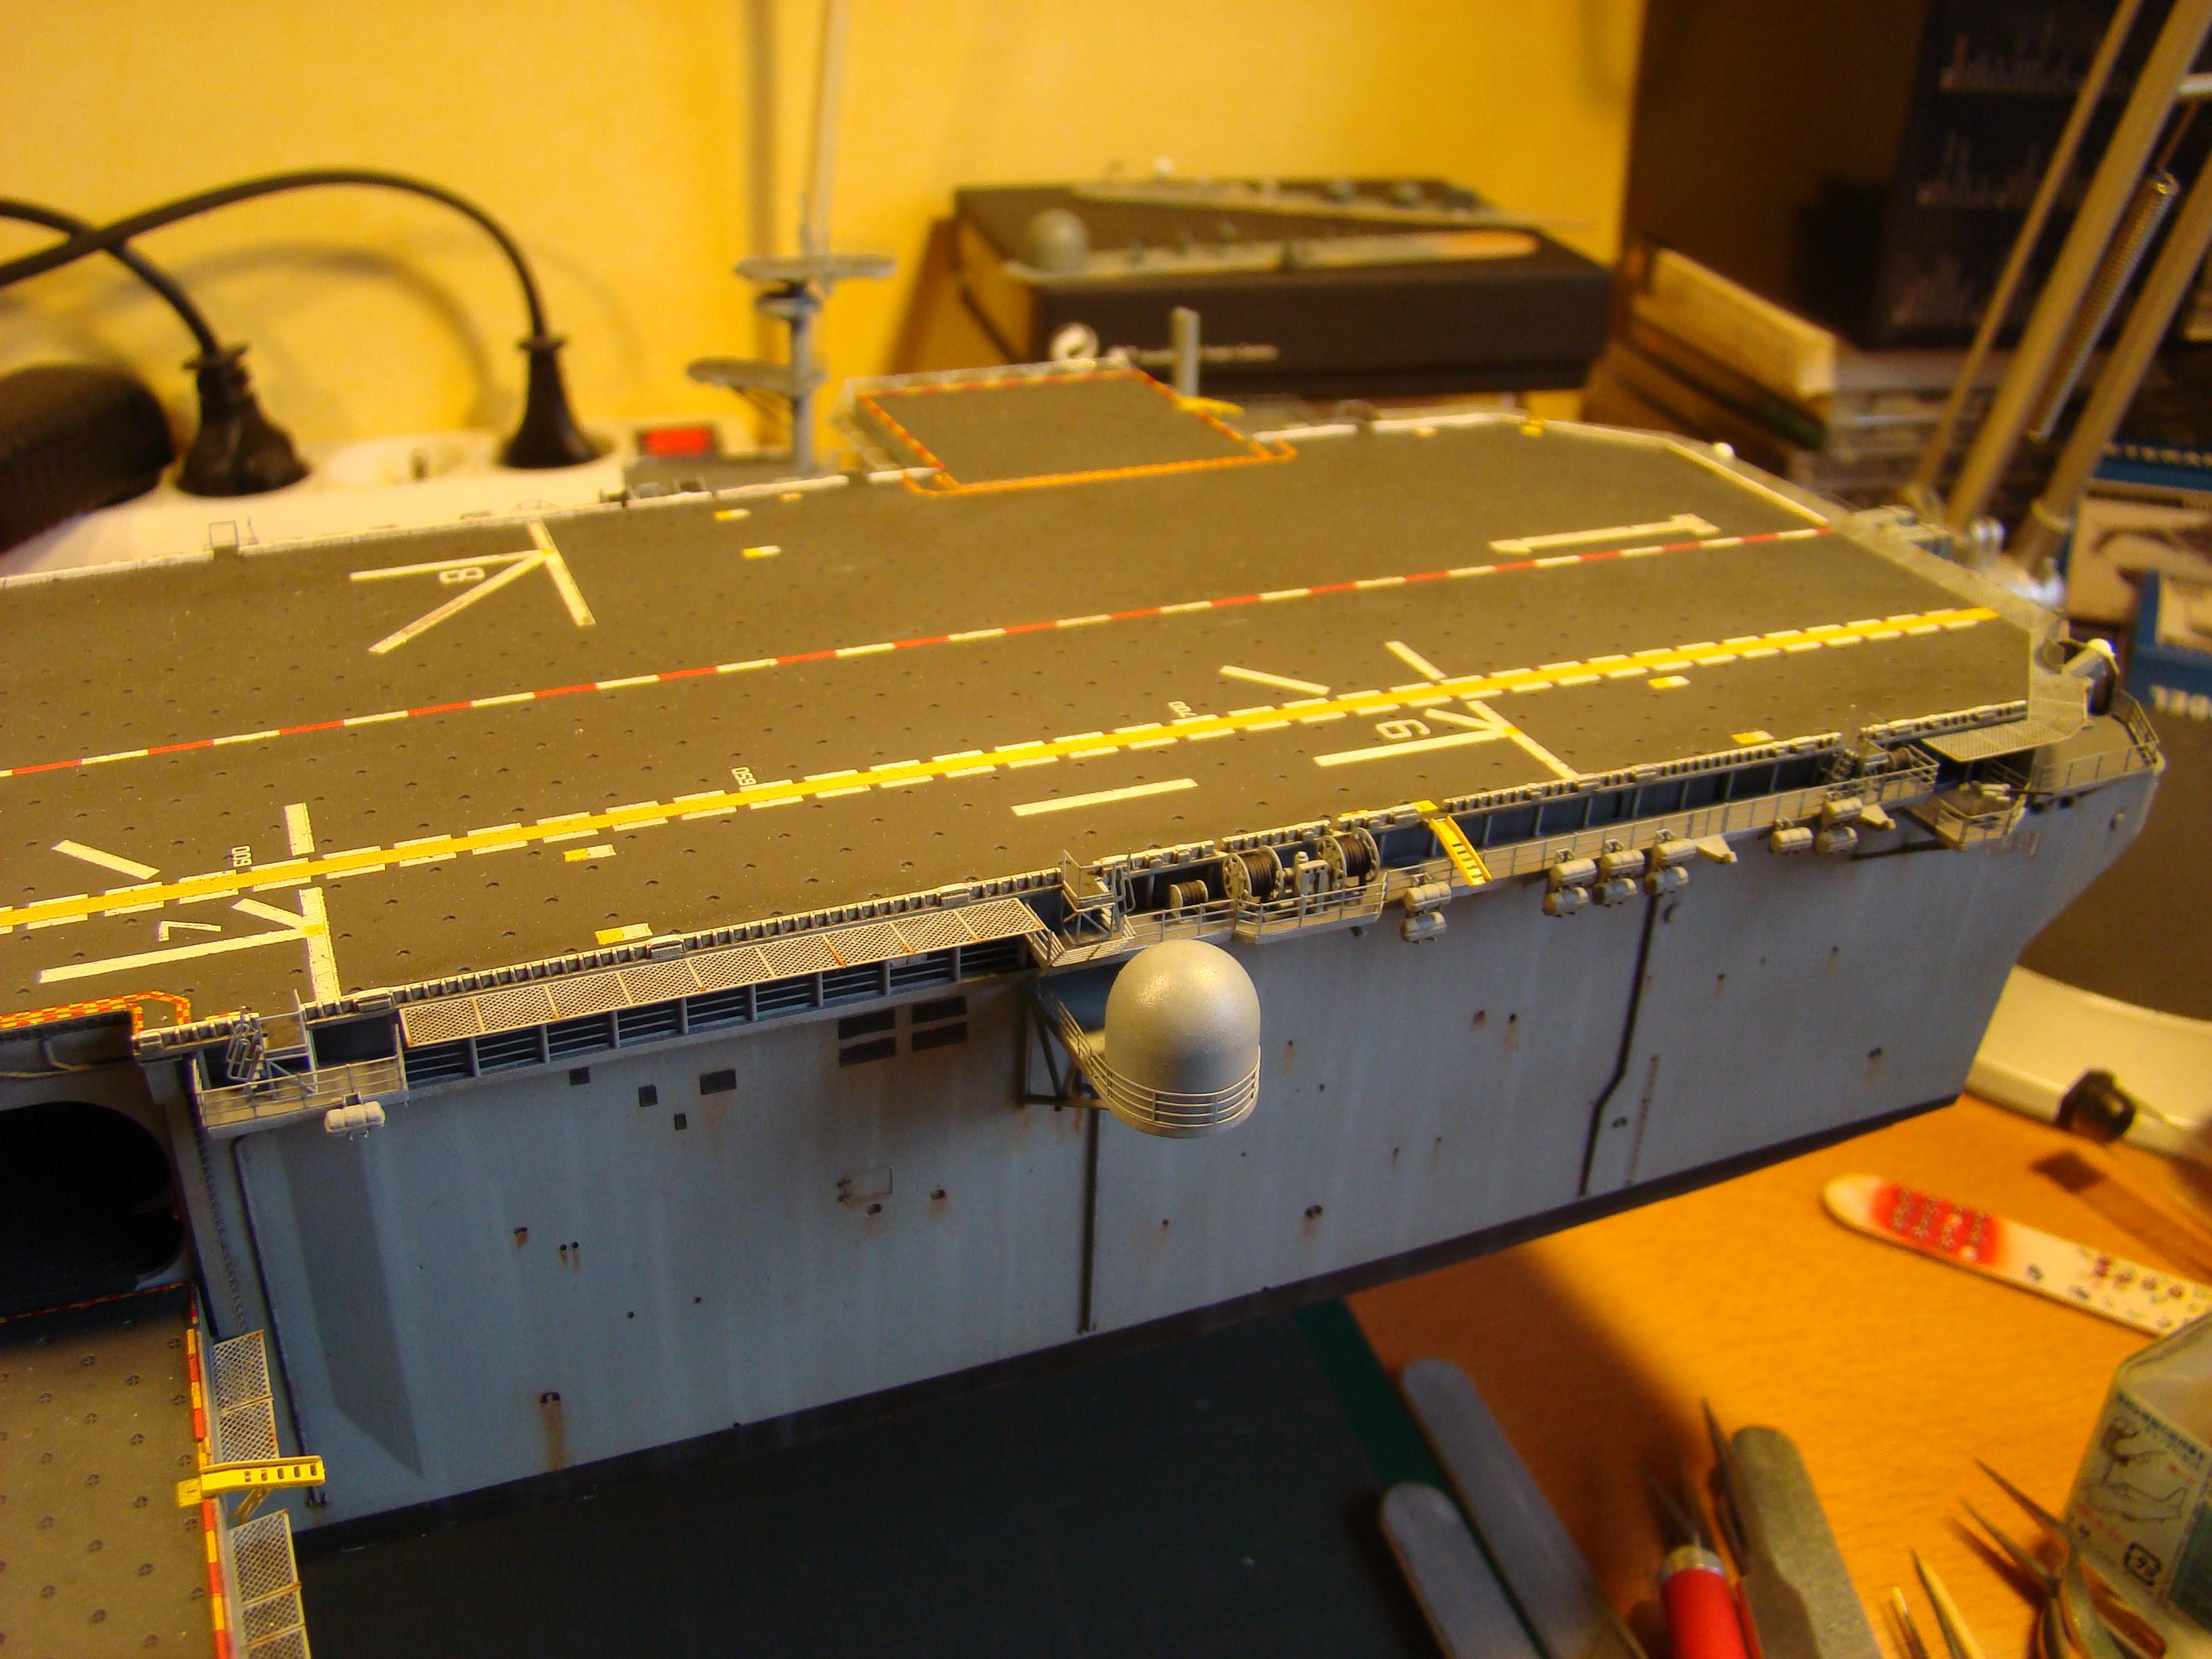 USS WASP LHD-1 au 1/350ème par nova73 - Page 7 Dsc09103c